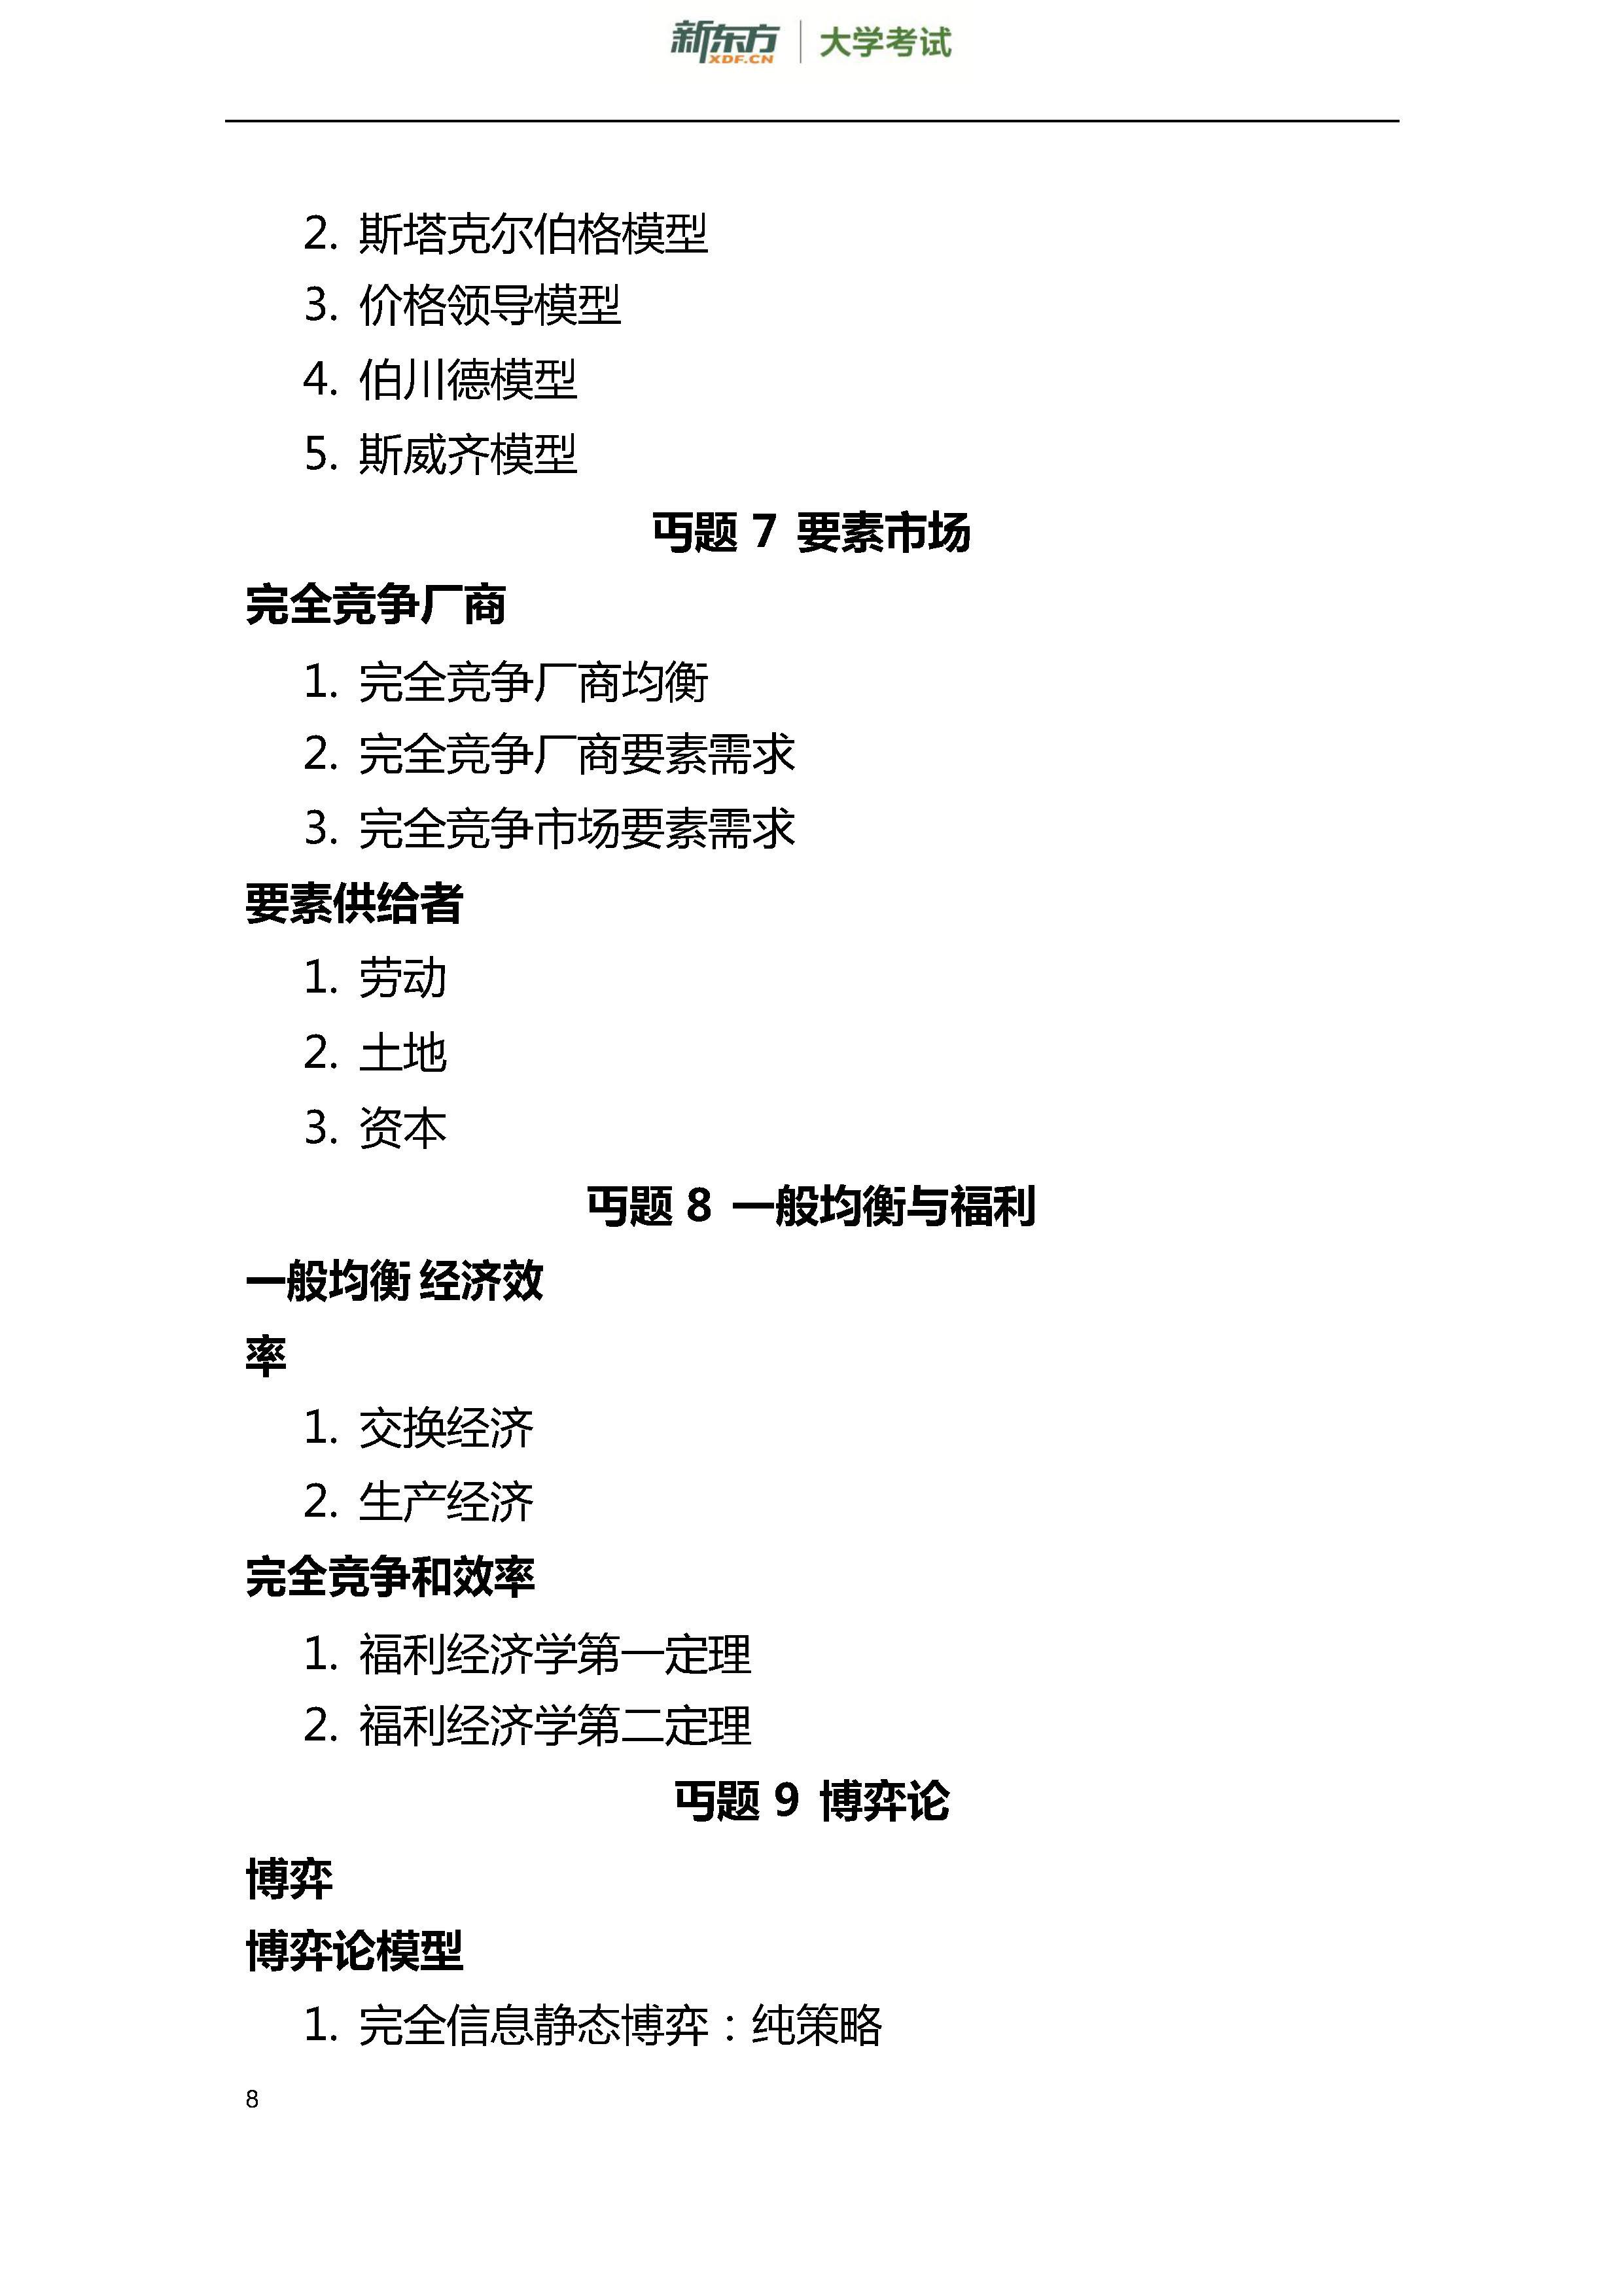 2019年e?府经济学答案_支付宝成为央视春晚官方唯一互动平台.2月7日除夕当天,用户在观